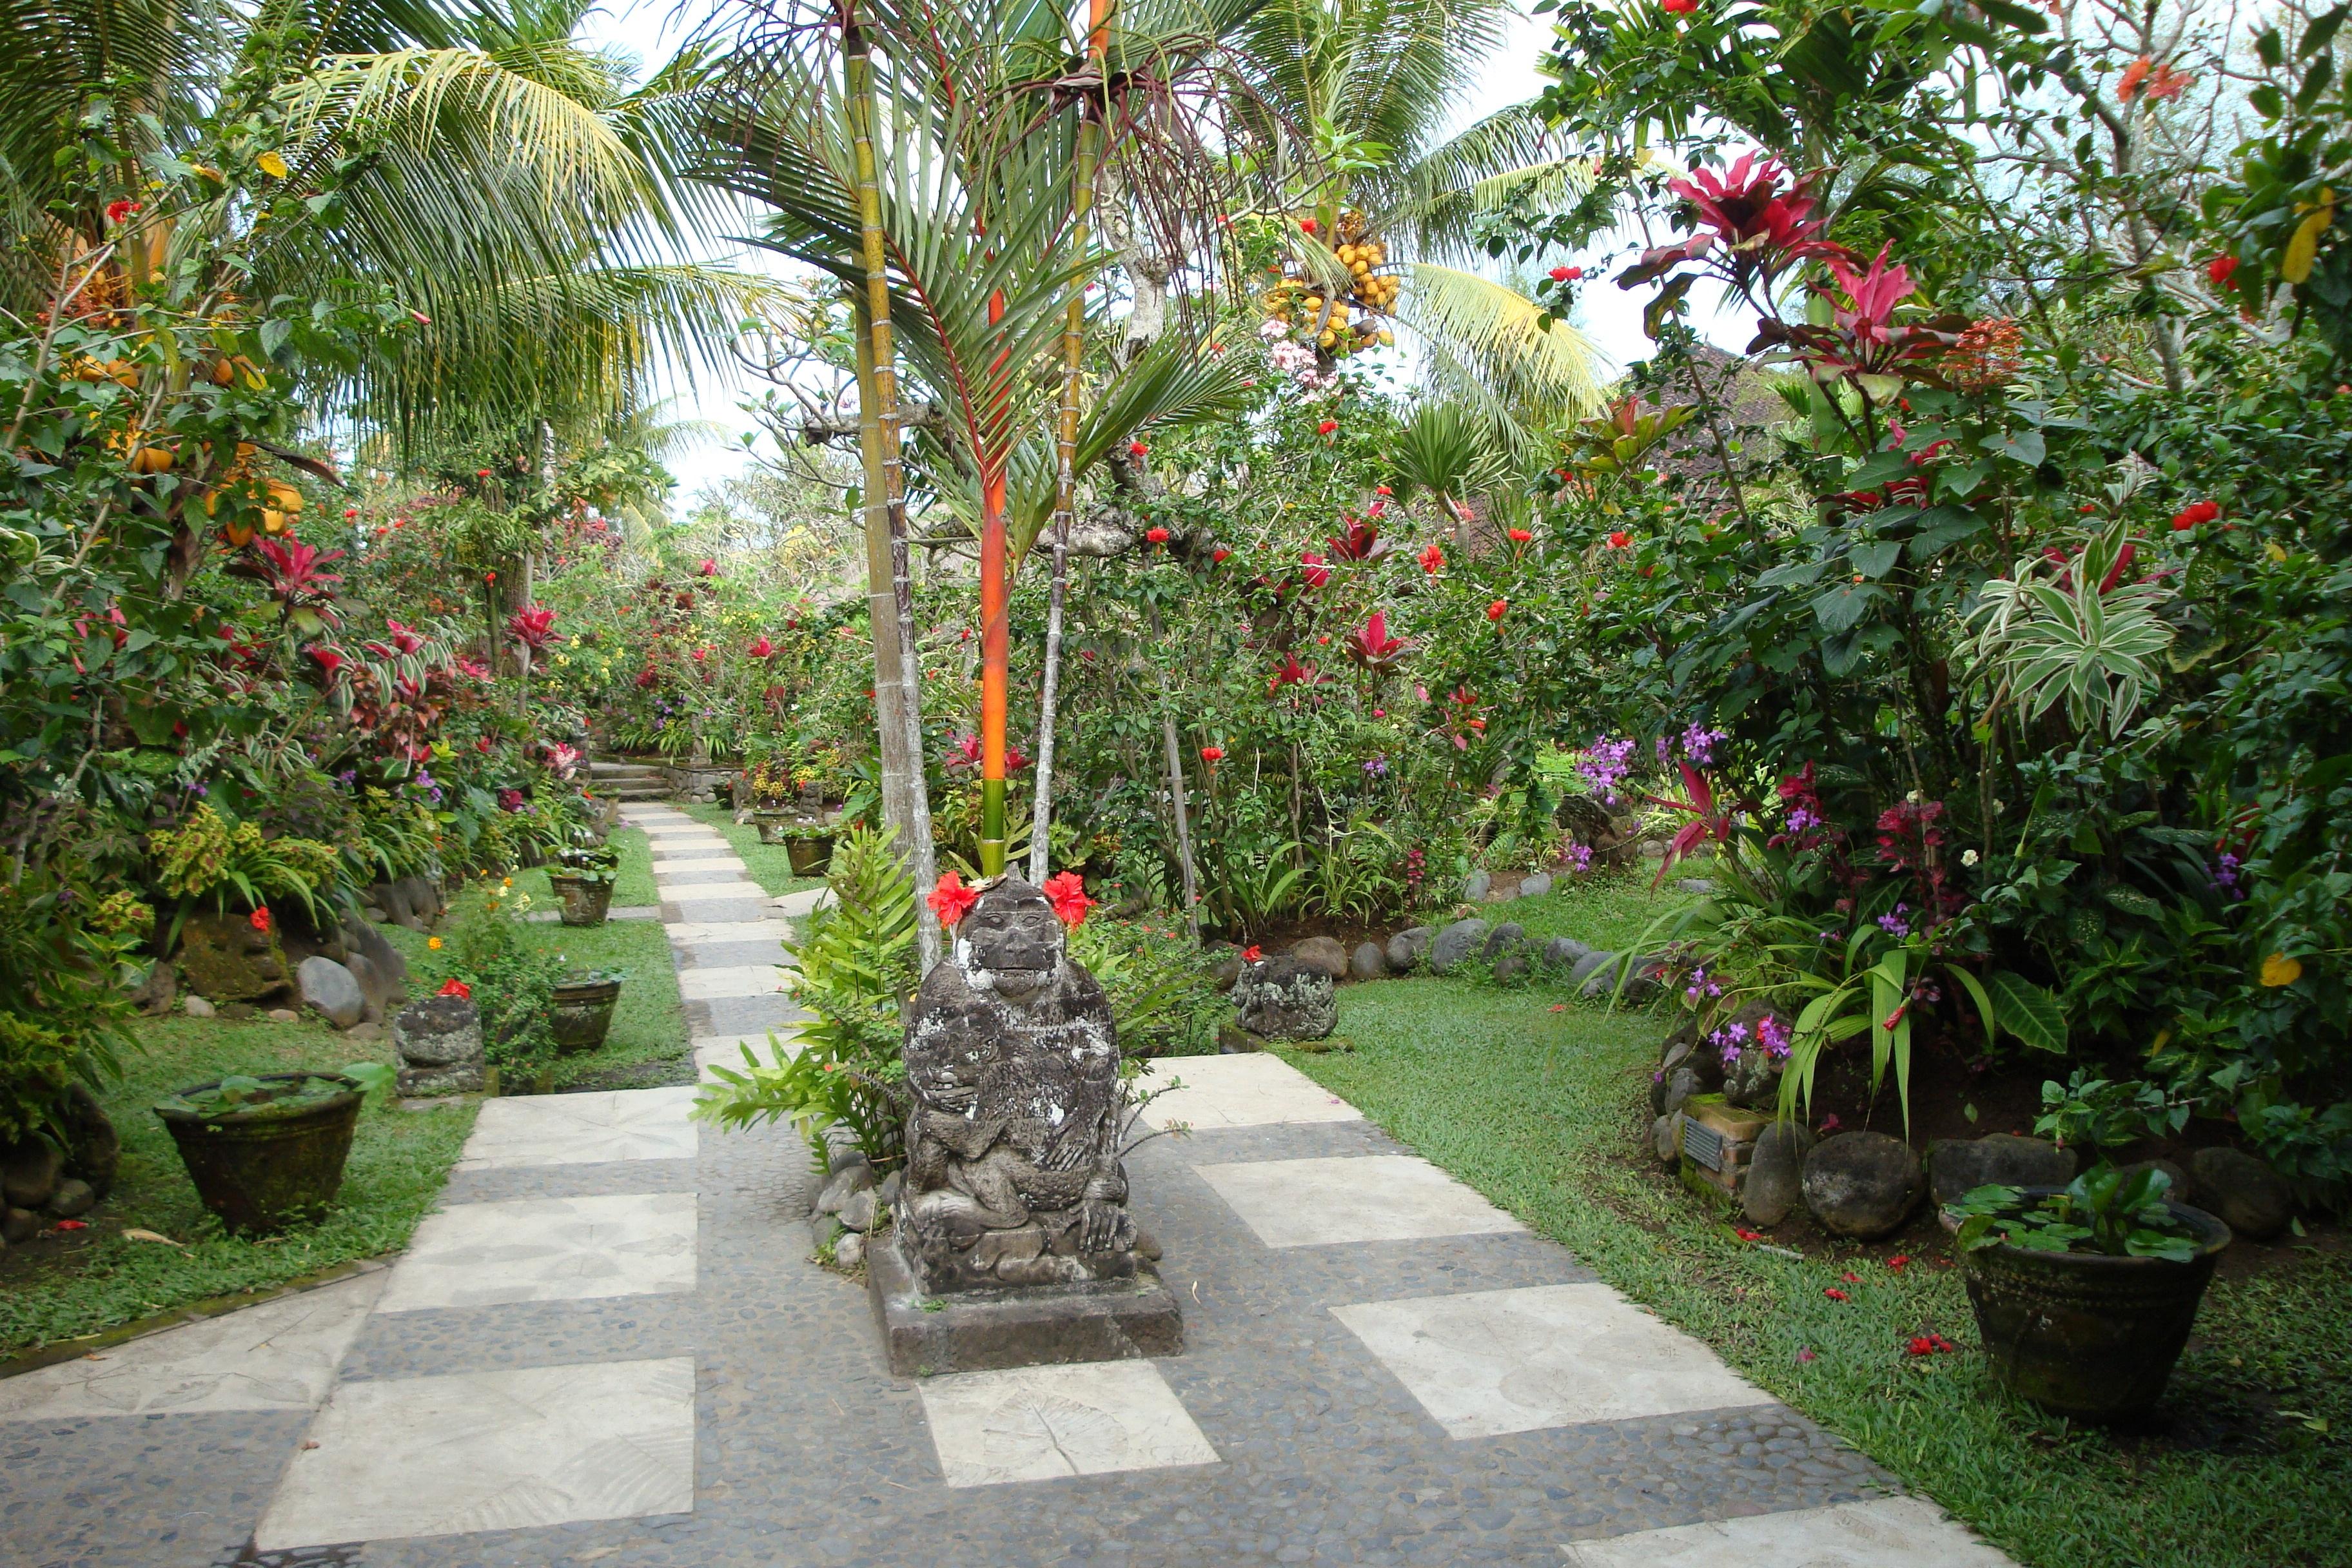 Images gratuites fleur passerelle tropical paix for Amenagement jardin tropical